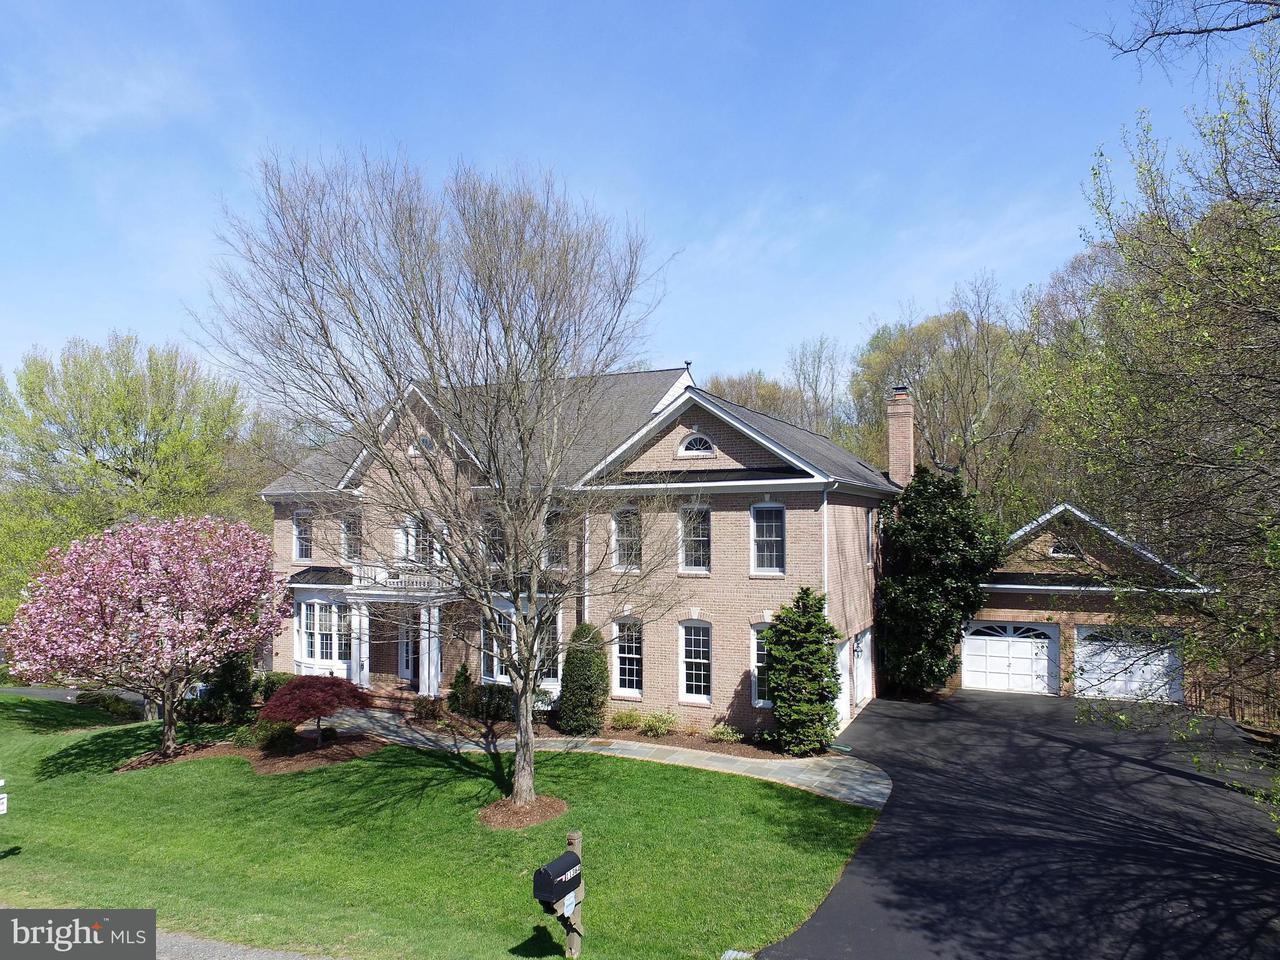 Частный односемейный дом для того Продажа на 11364 JACKRABBIT Court 11364 JACKRABBIT Court Potomac Falls, Виргиния 20165 Соединенные Штаты